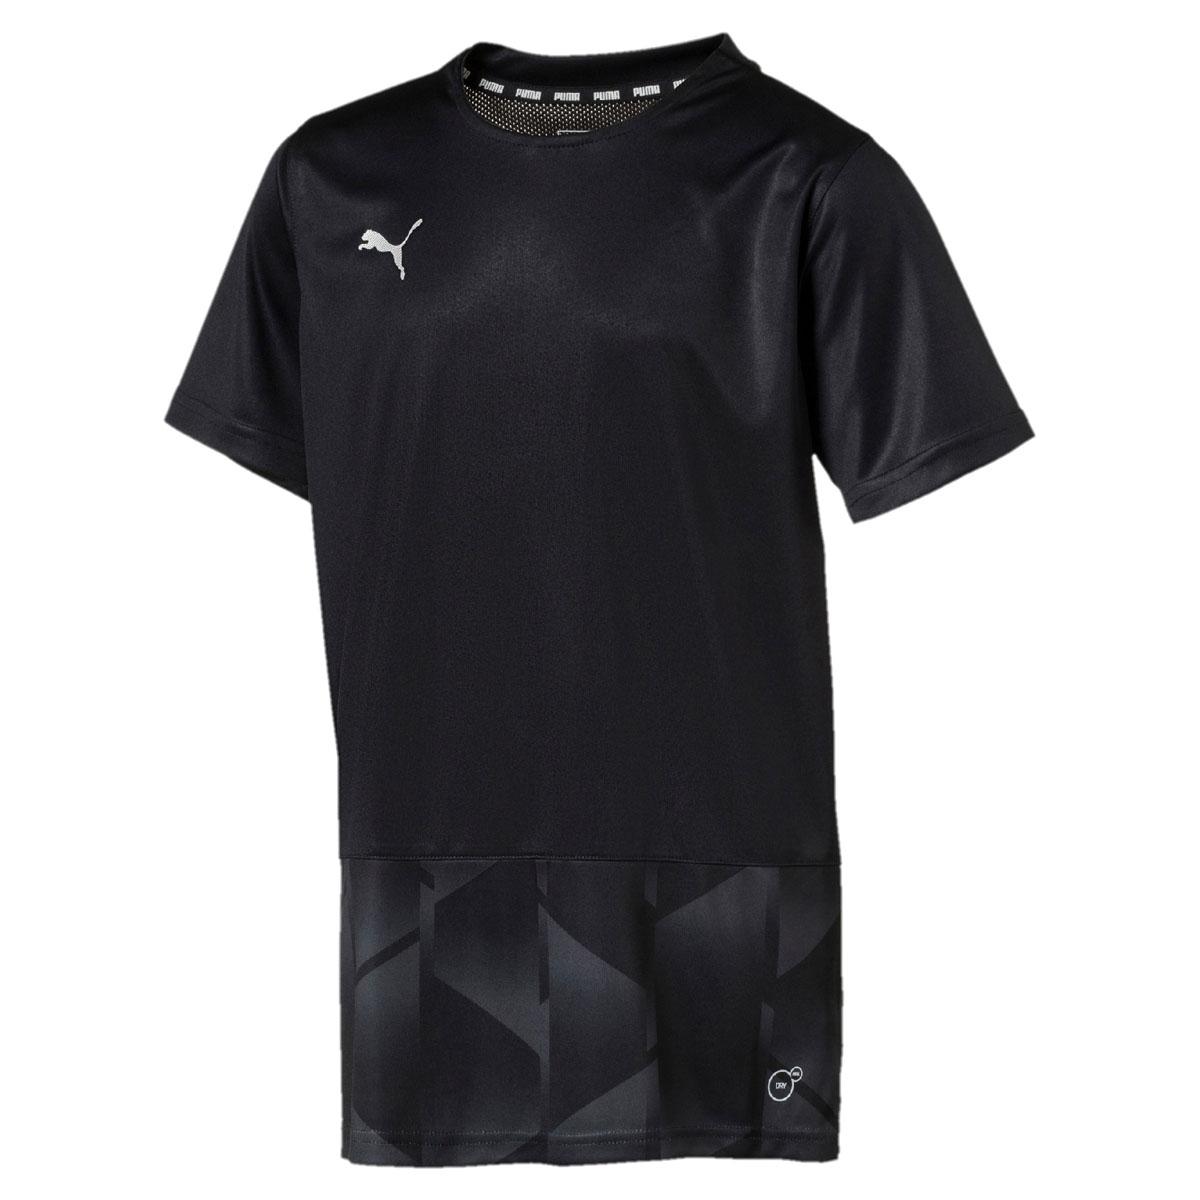 Футболка для мальчика Puma ftblNXT Graphic Shirt Jr, цвет: черный, темно-серый. 655560017. Размер 128